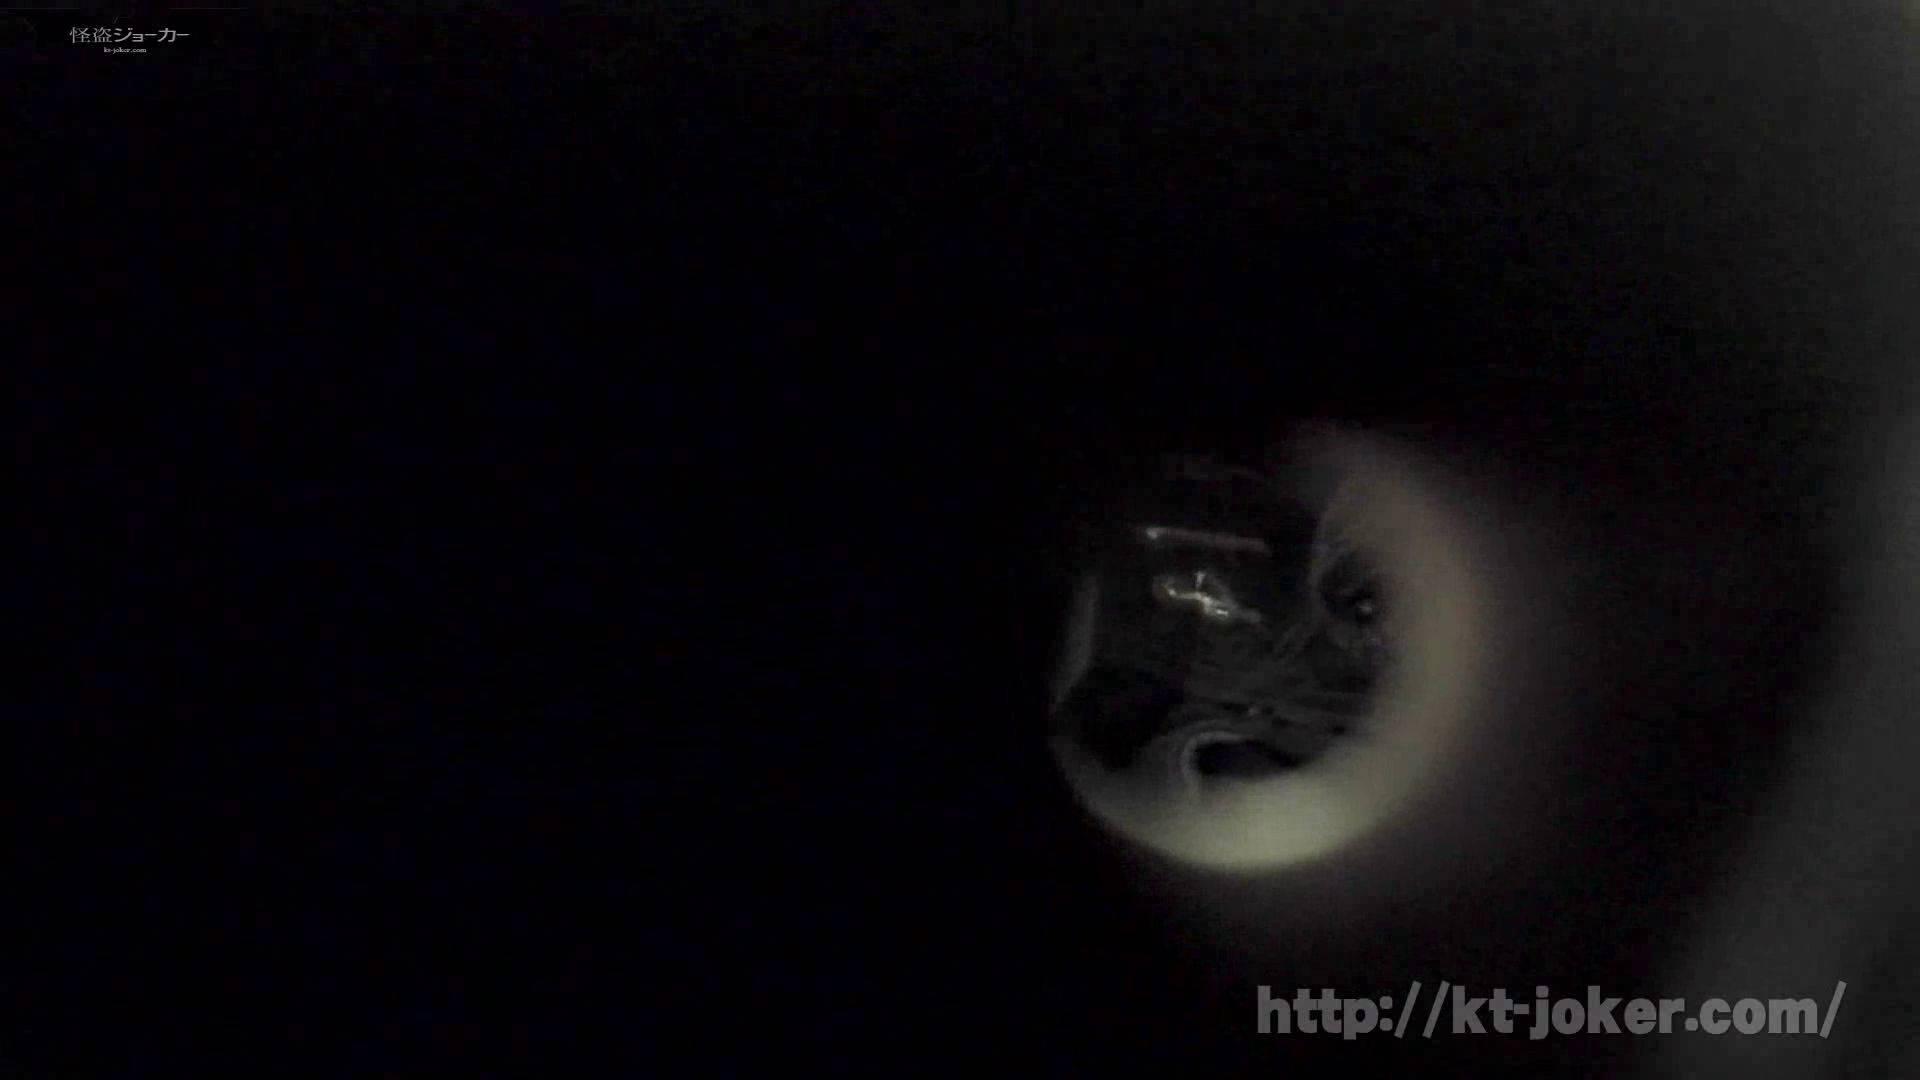 命がけ潜伏洗面所! vol.58 さらなる無謀な挑戦、新アングル、壁に穴を開ける 洗面所   OLセックス  110画像 73